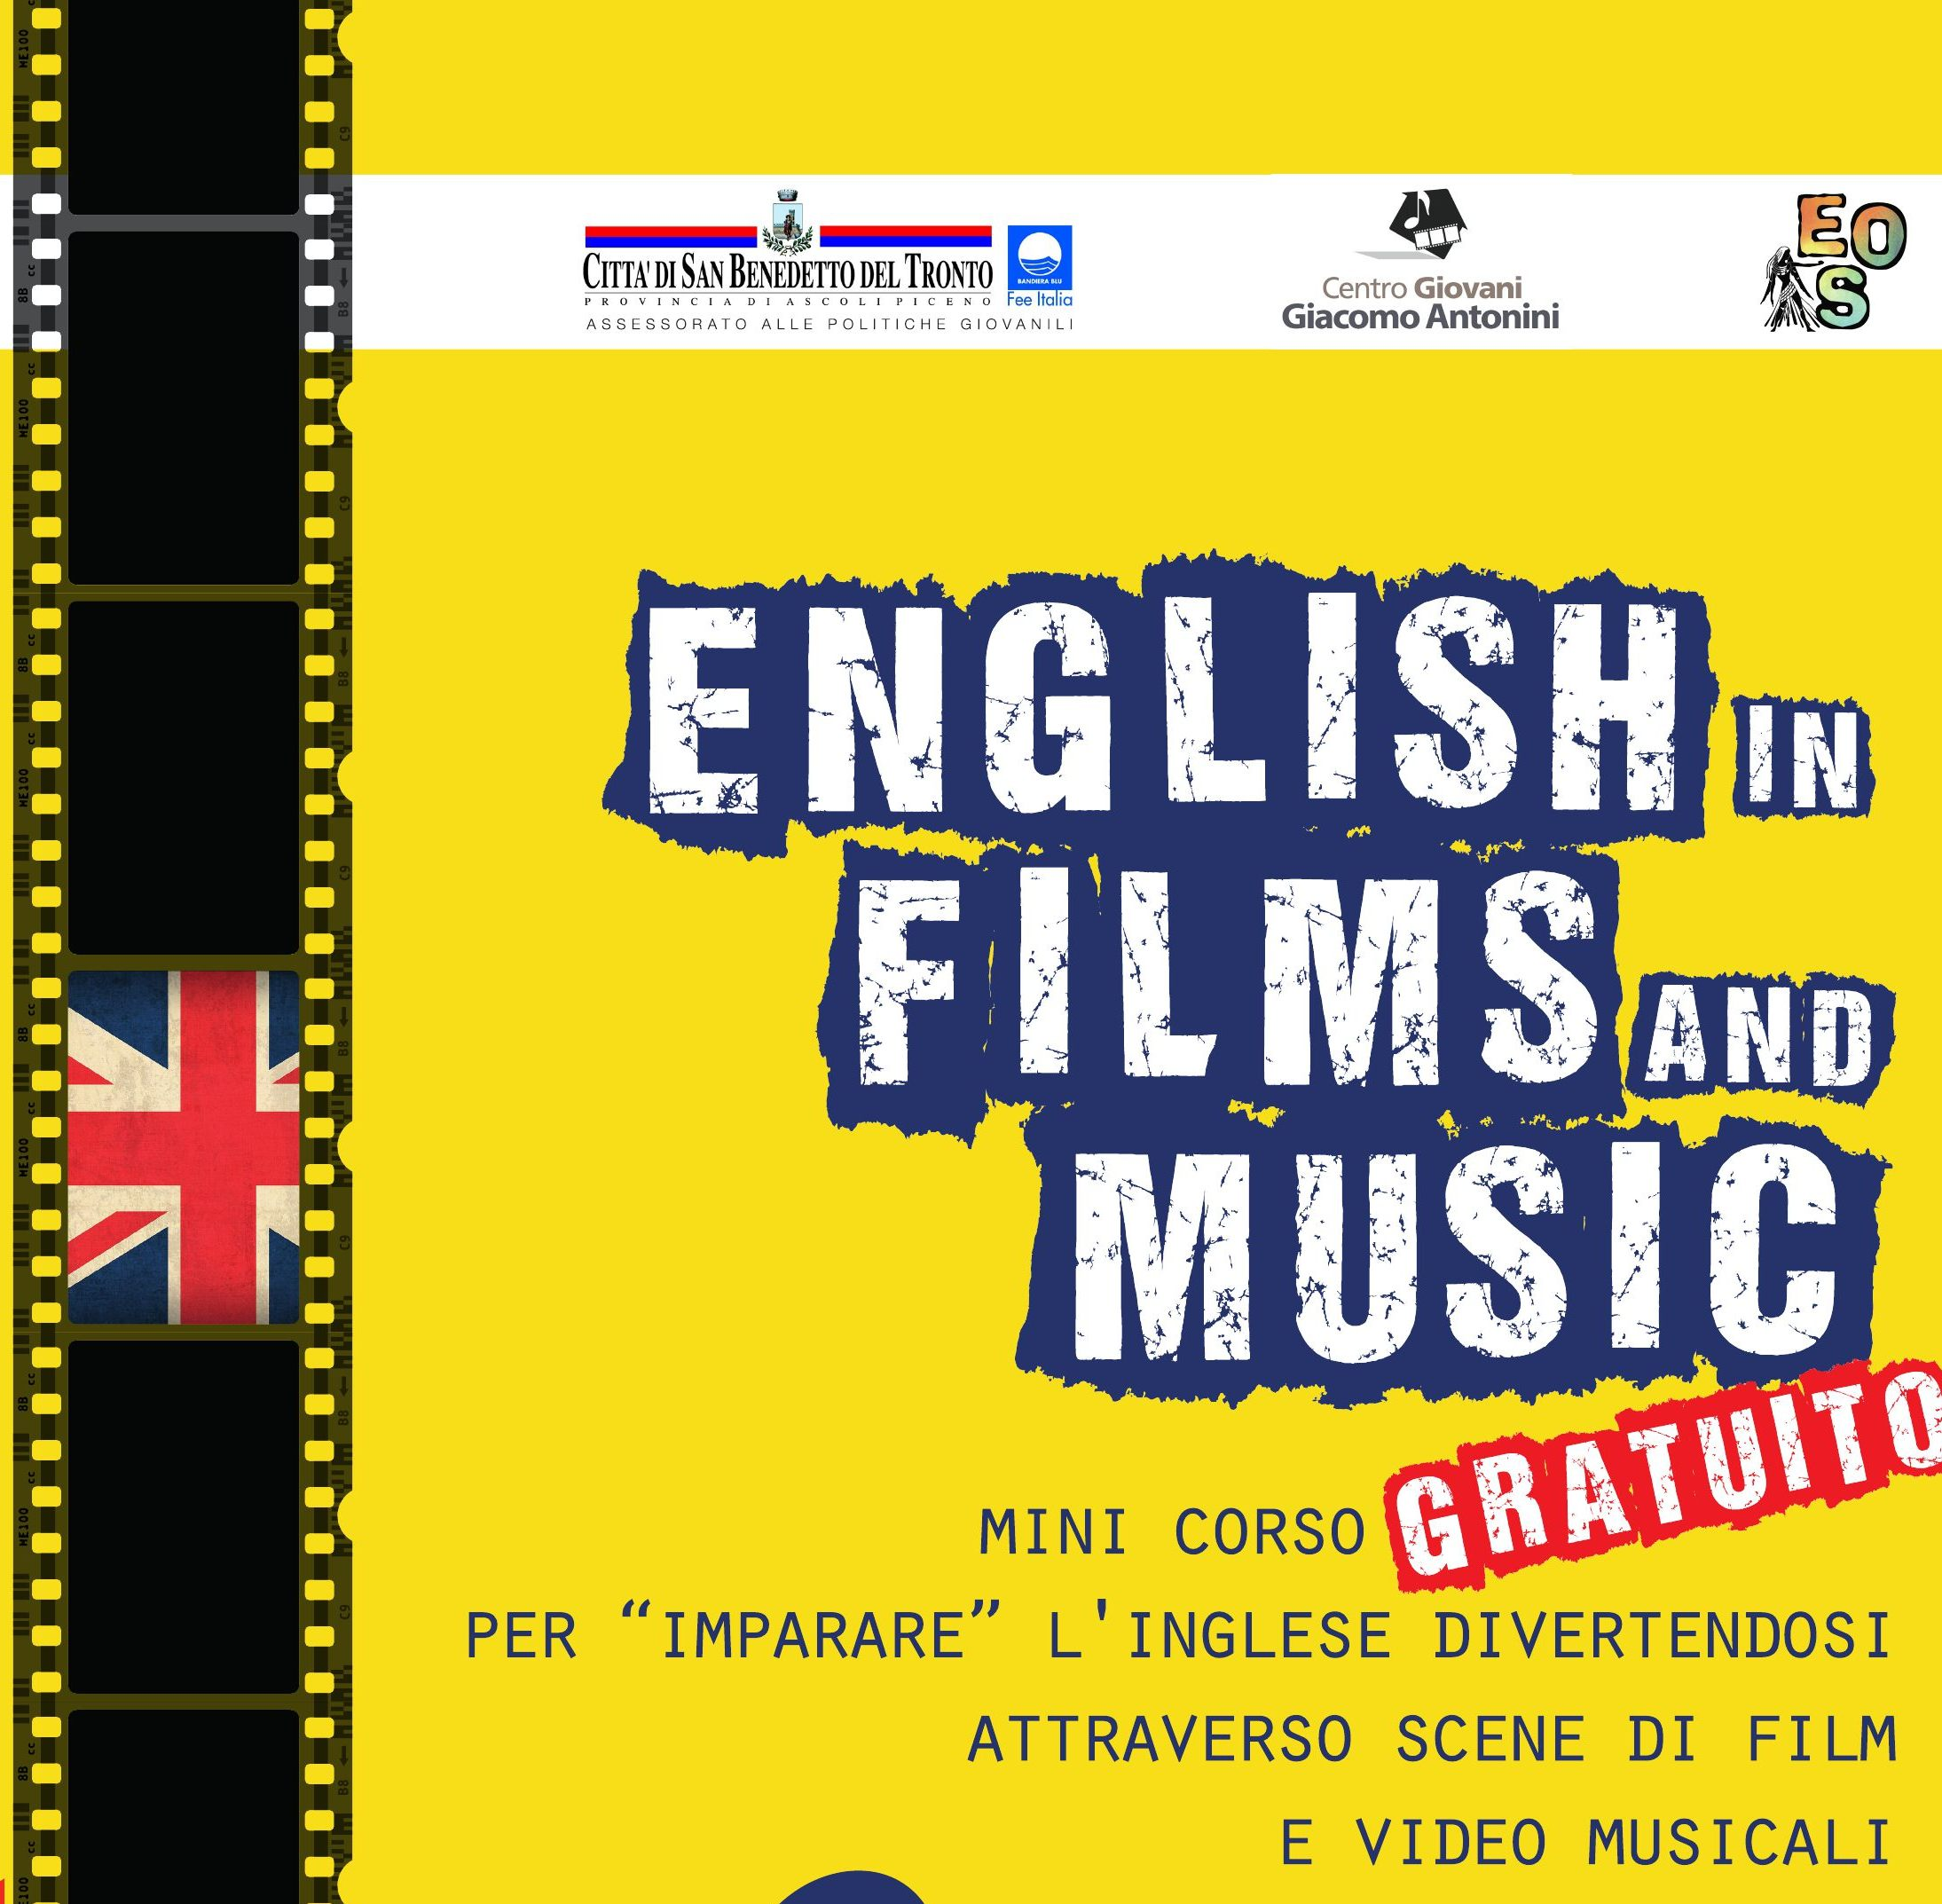 Al Centro Giovani si impara l'inglese attraverso film e musica